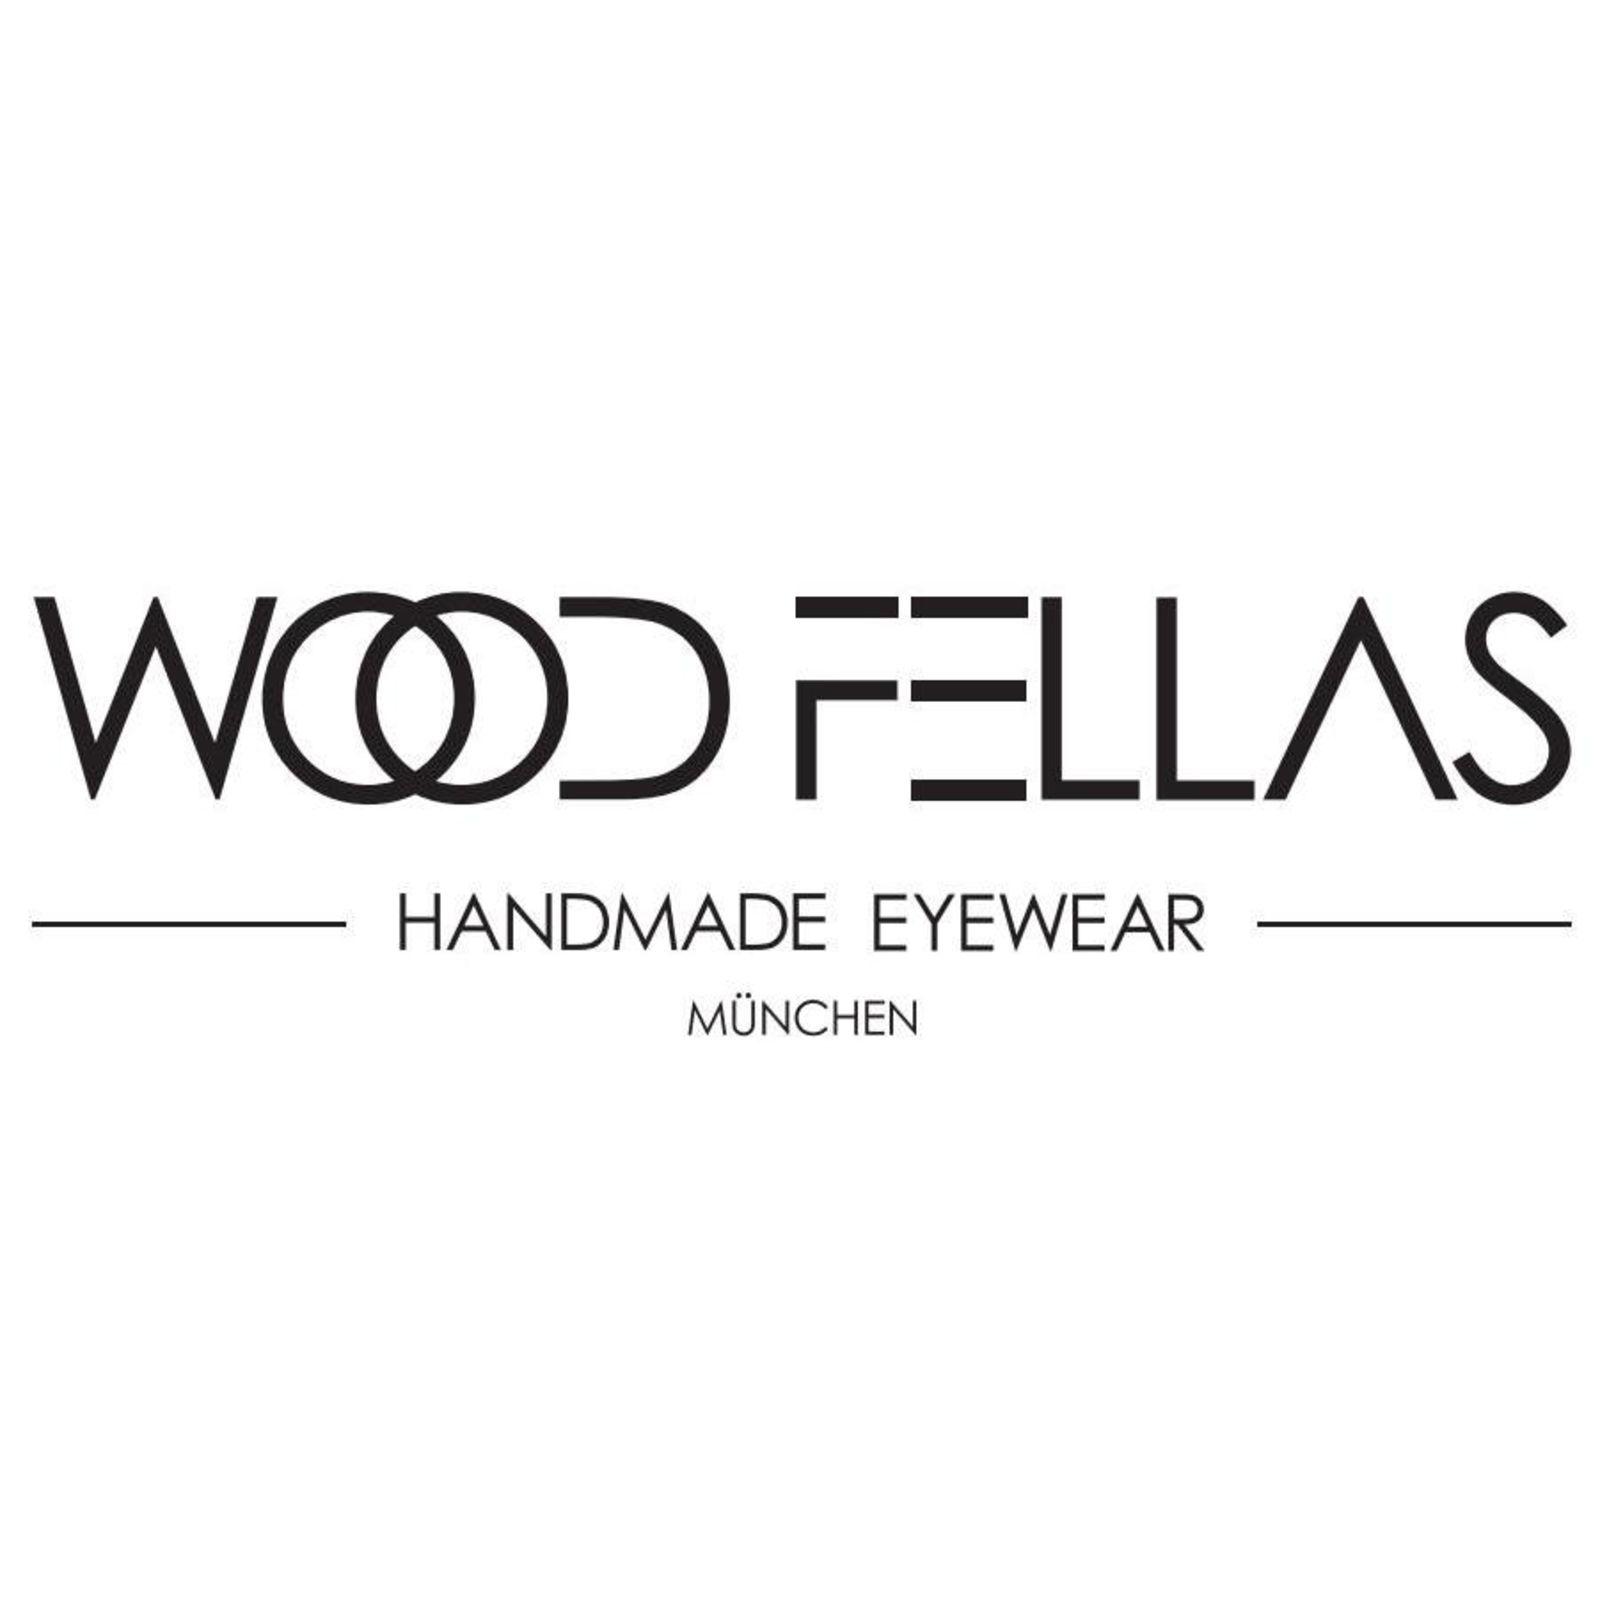 WOOD FELLAS